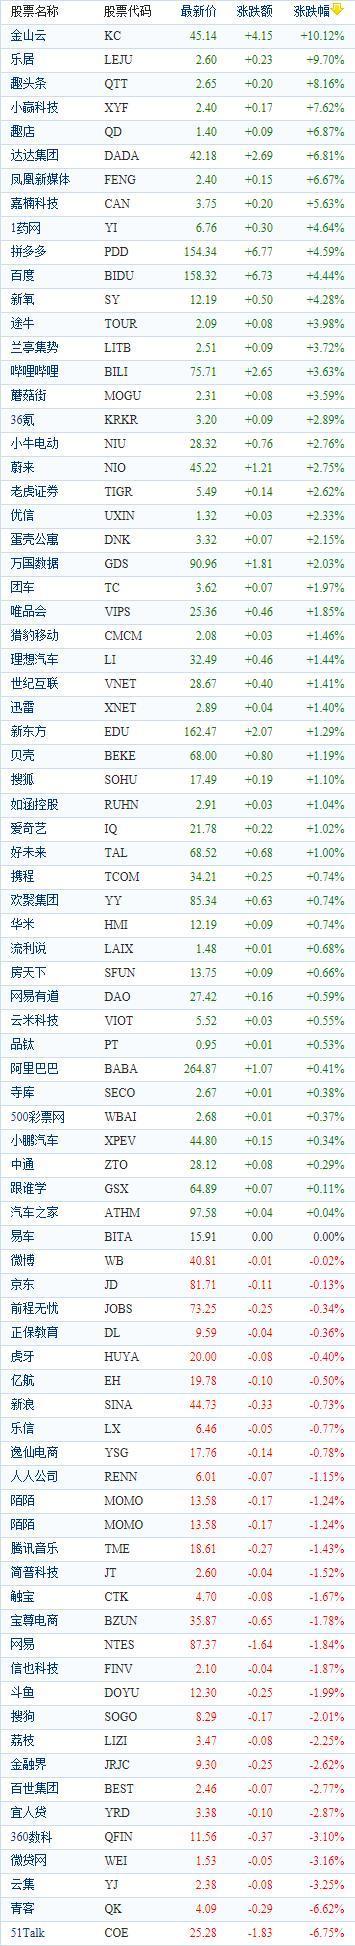 中国概念股周四收盘涨跌互现 哔哩哔哩上涨3.63%